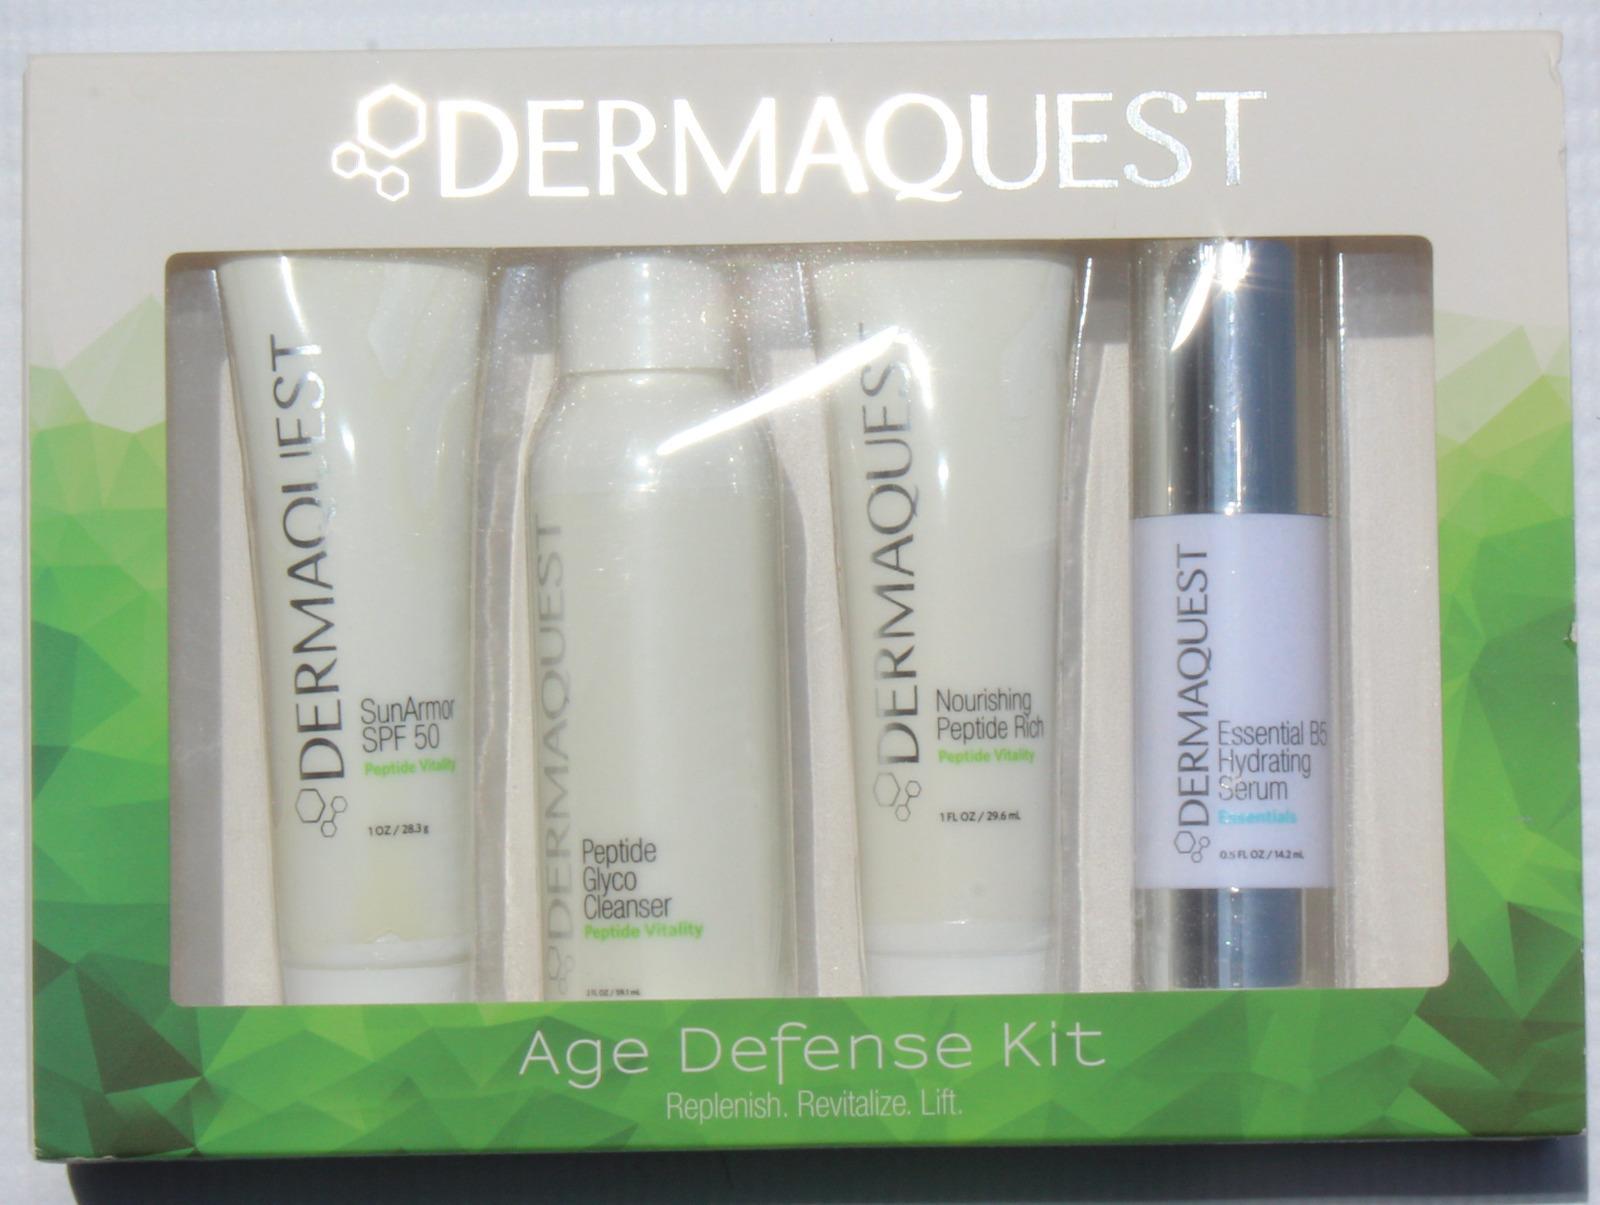 Dermaquest Age Defense Kit